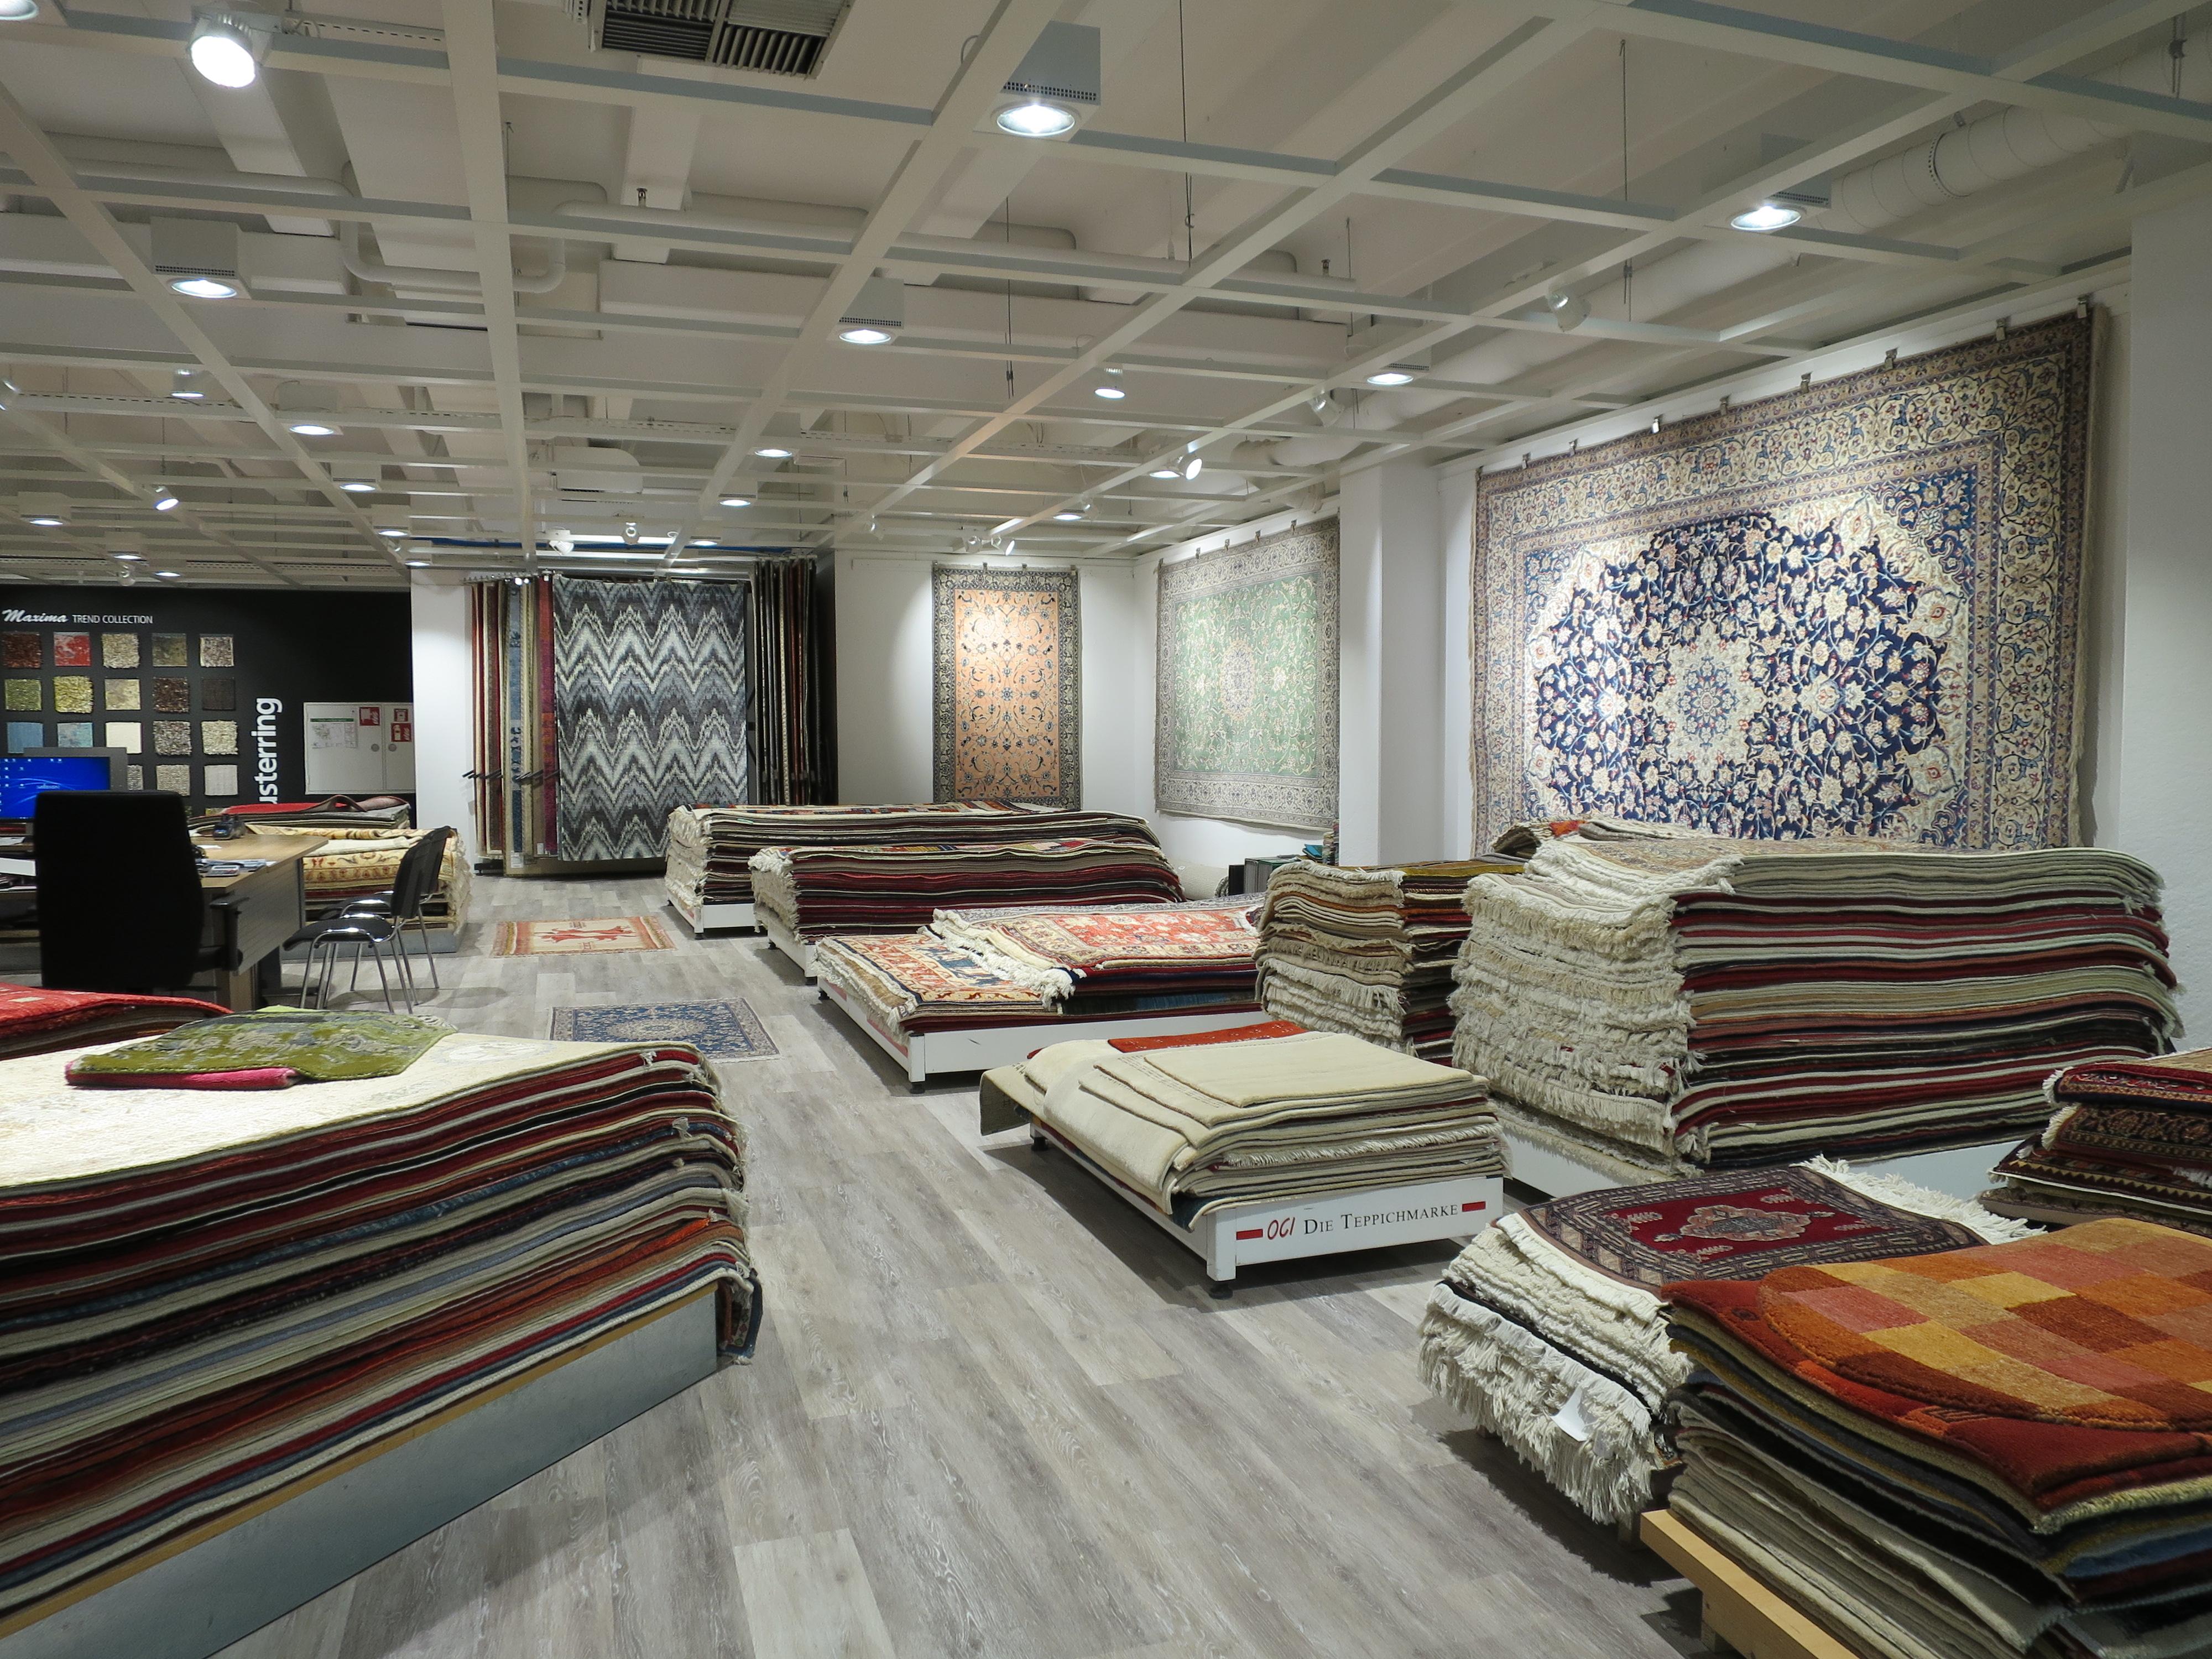 teppichland im hause m bel bernsk tter in m lheim an der ruhr ffnungszeiten adresse. Black Bedroom Furniture Sets. Home Design Ideas